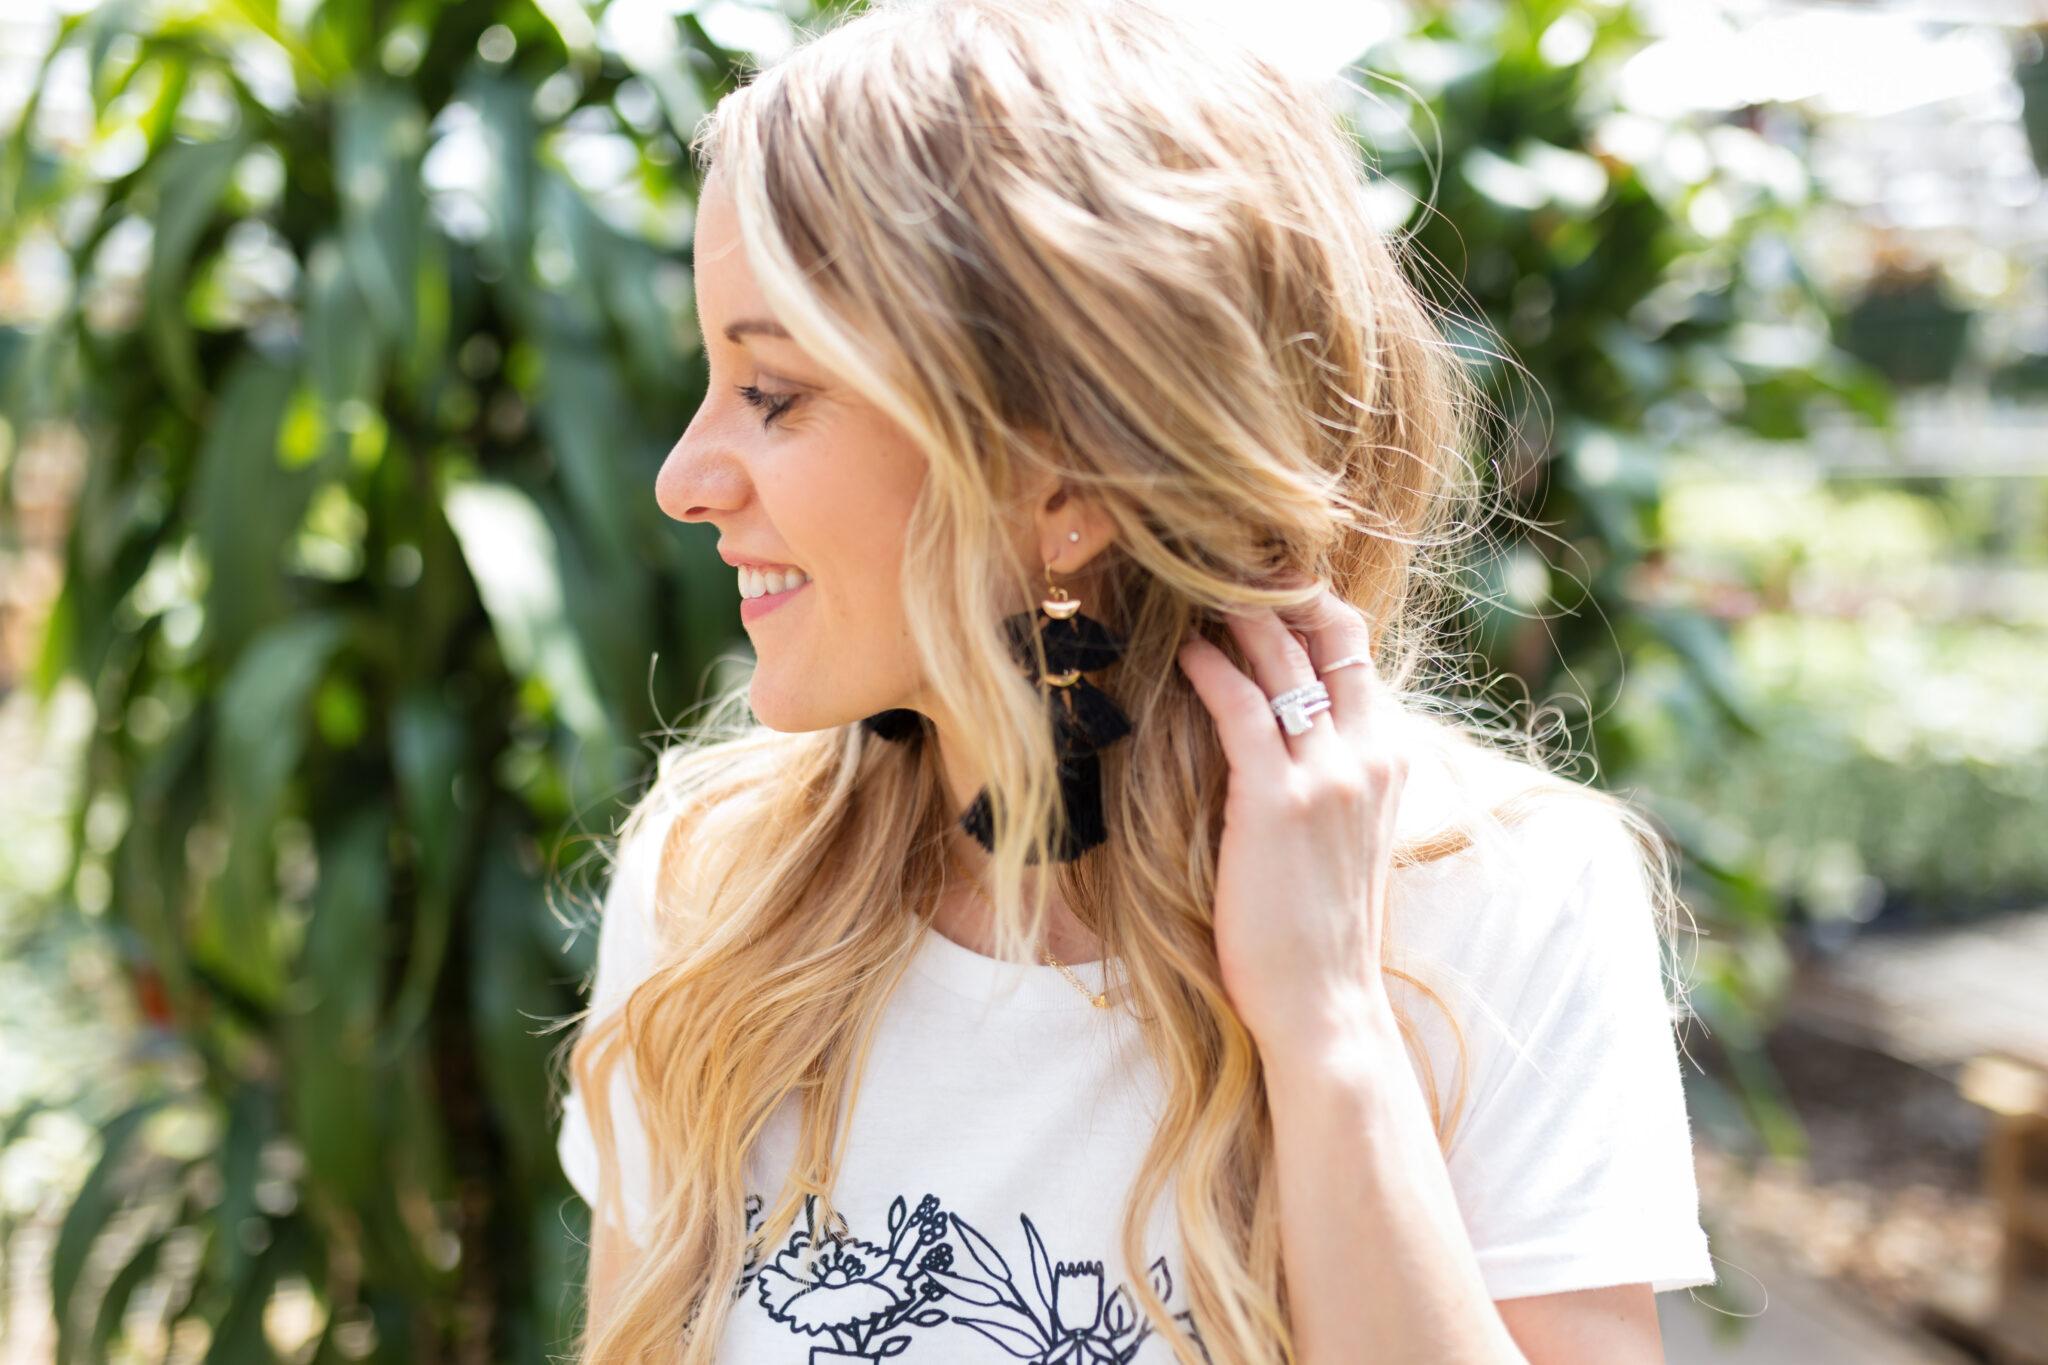 black tassel earrings and long beach waves